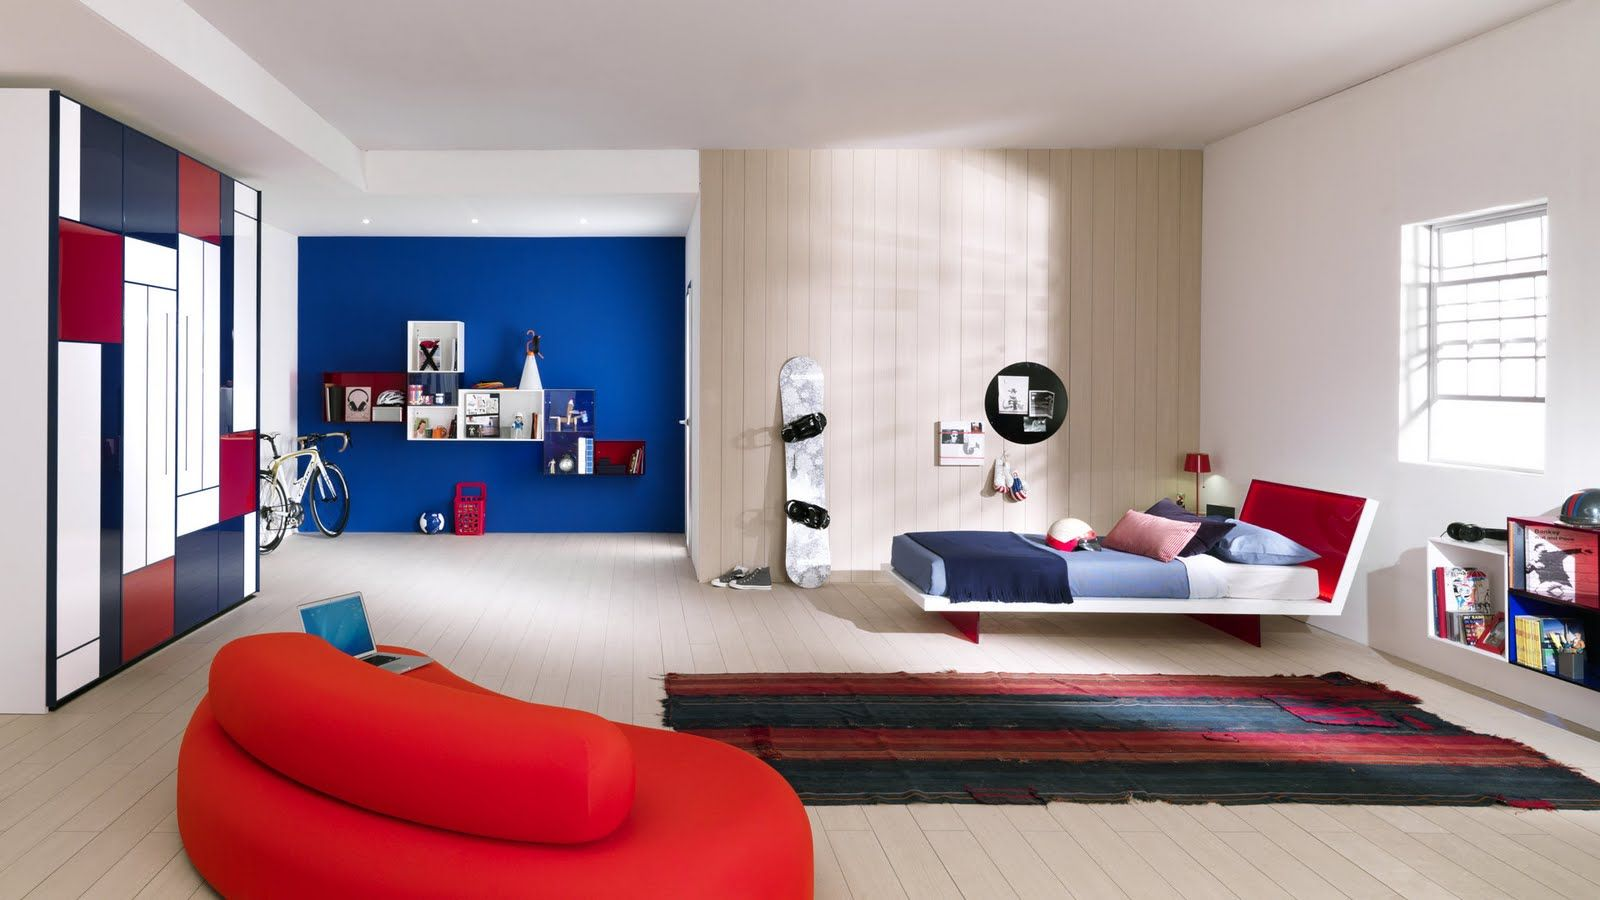 La decoraci n de las habitaciones juveniles puede ser - Decoracion de habitaciones para jovenes ...